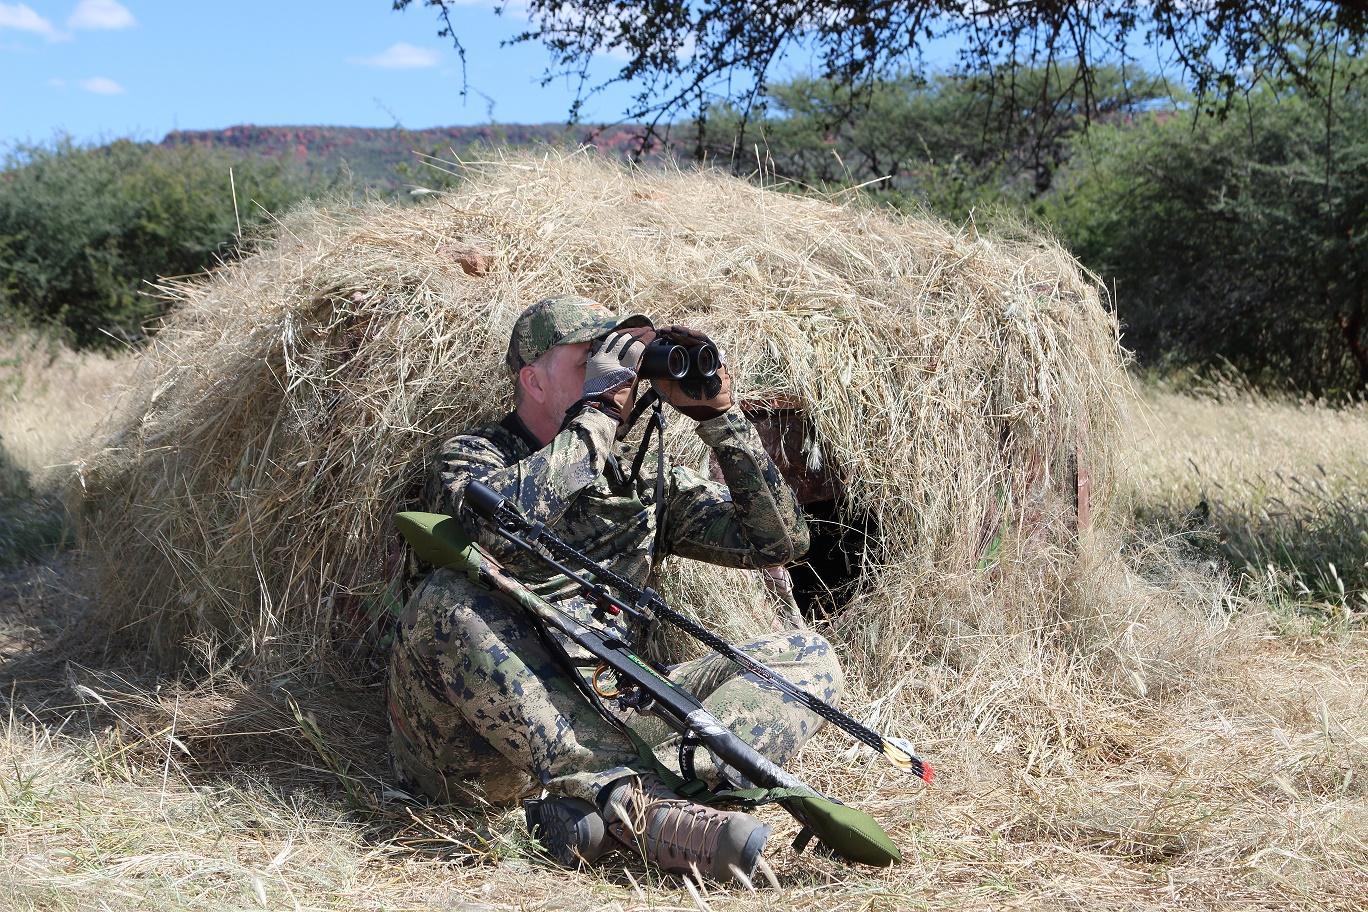 Охотник из белоснежки и охотника картинки обстановка